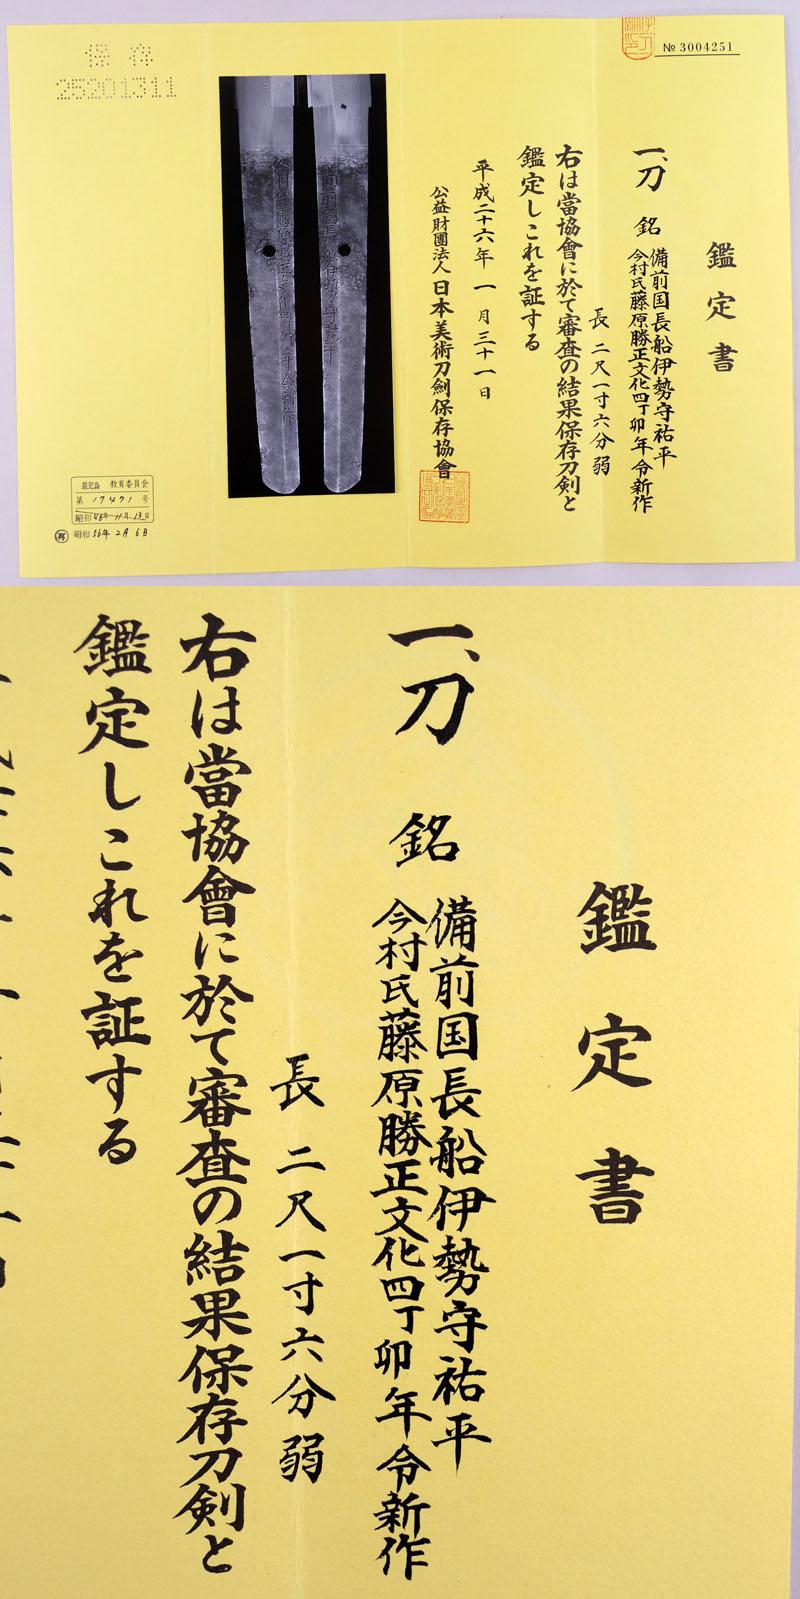 備前国長船伊勢守祐平 Picture of Certificate